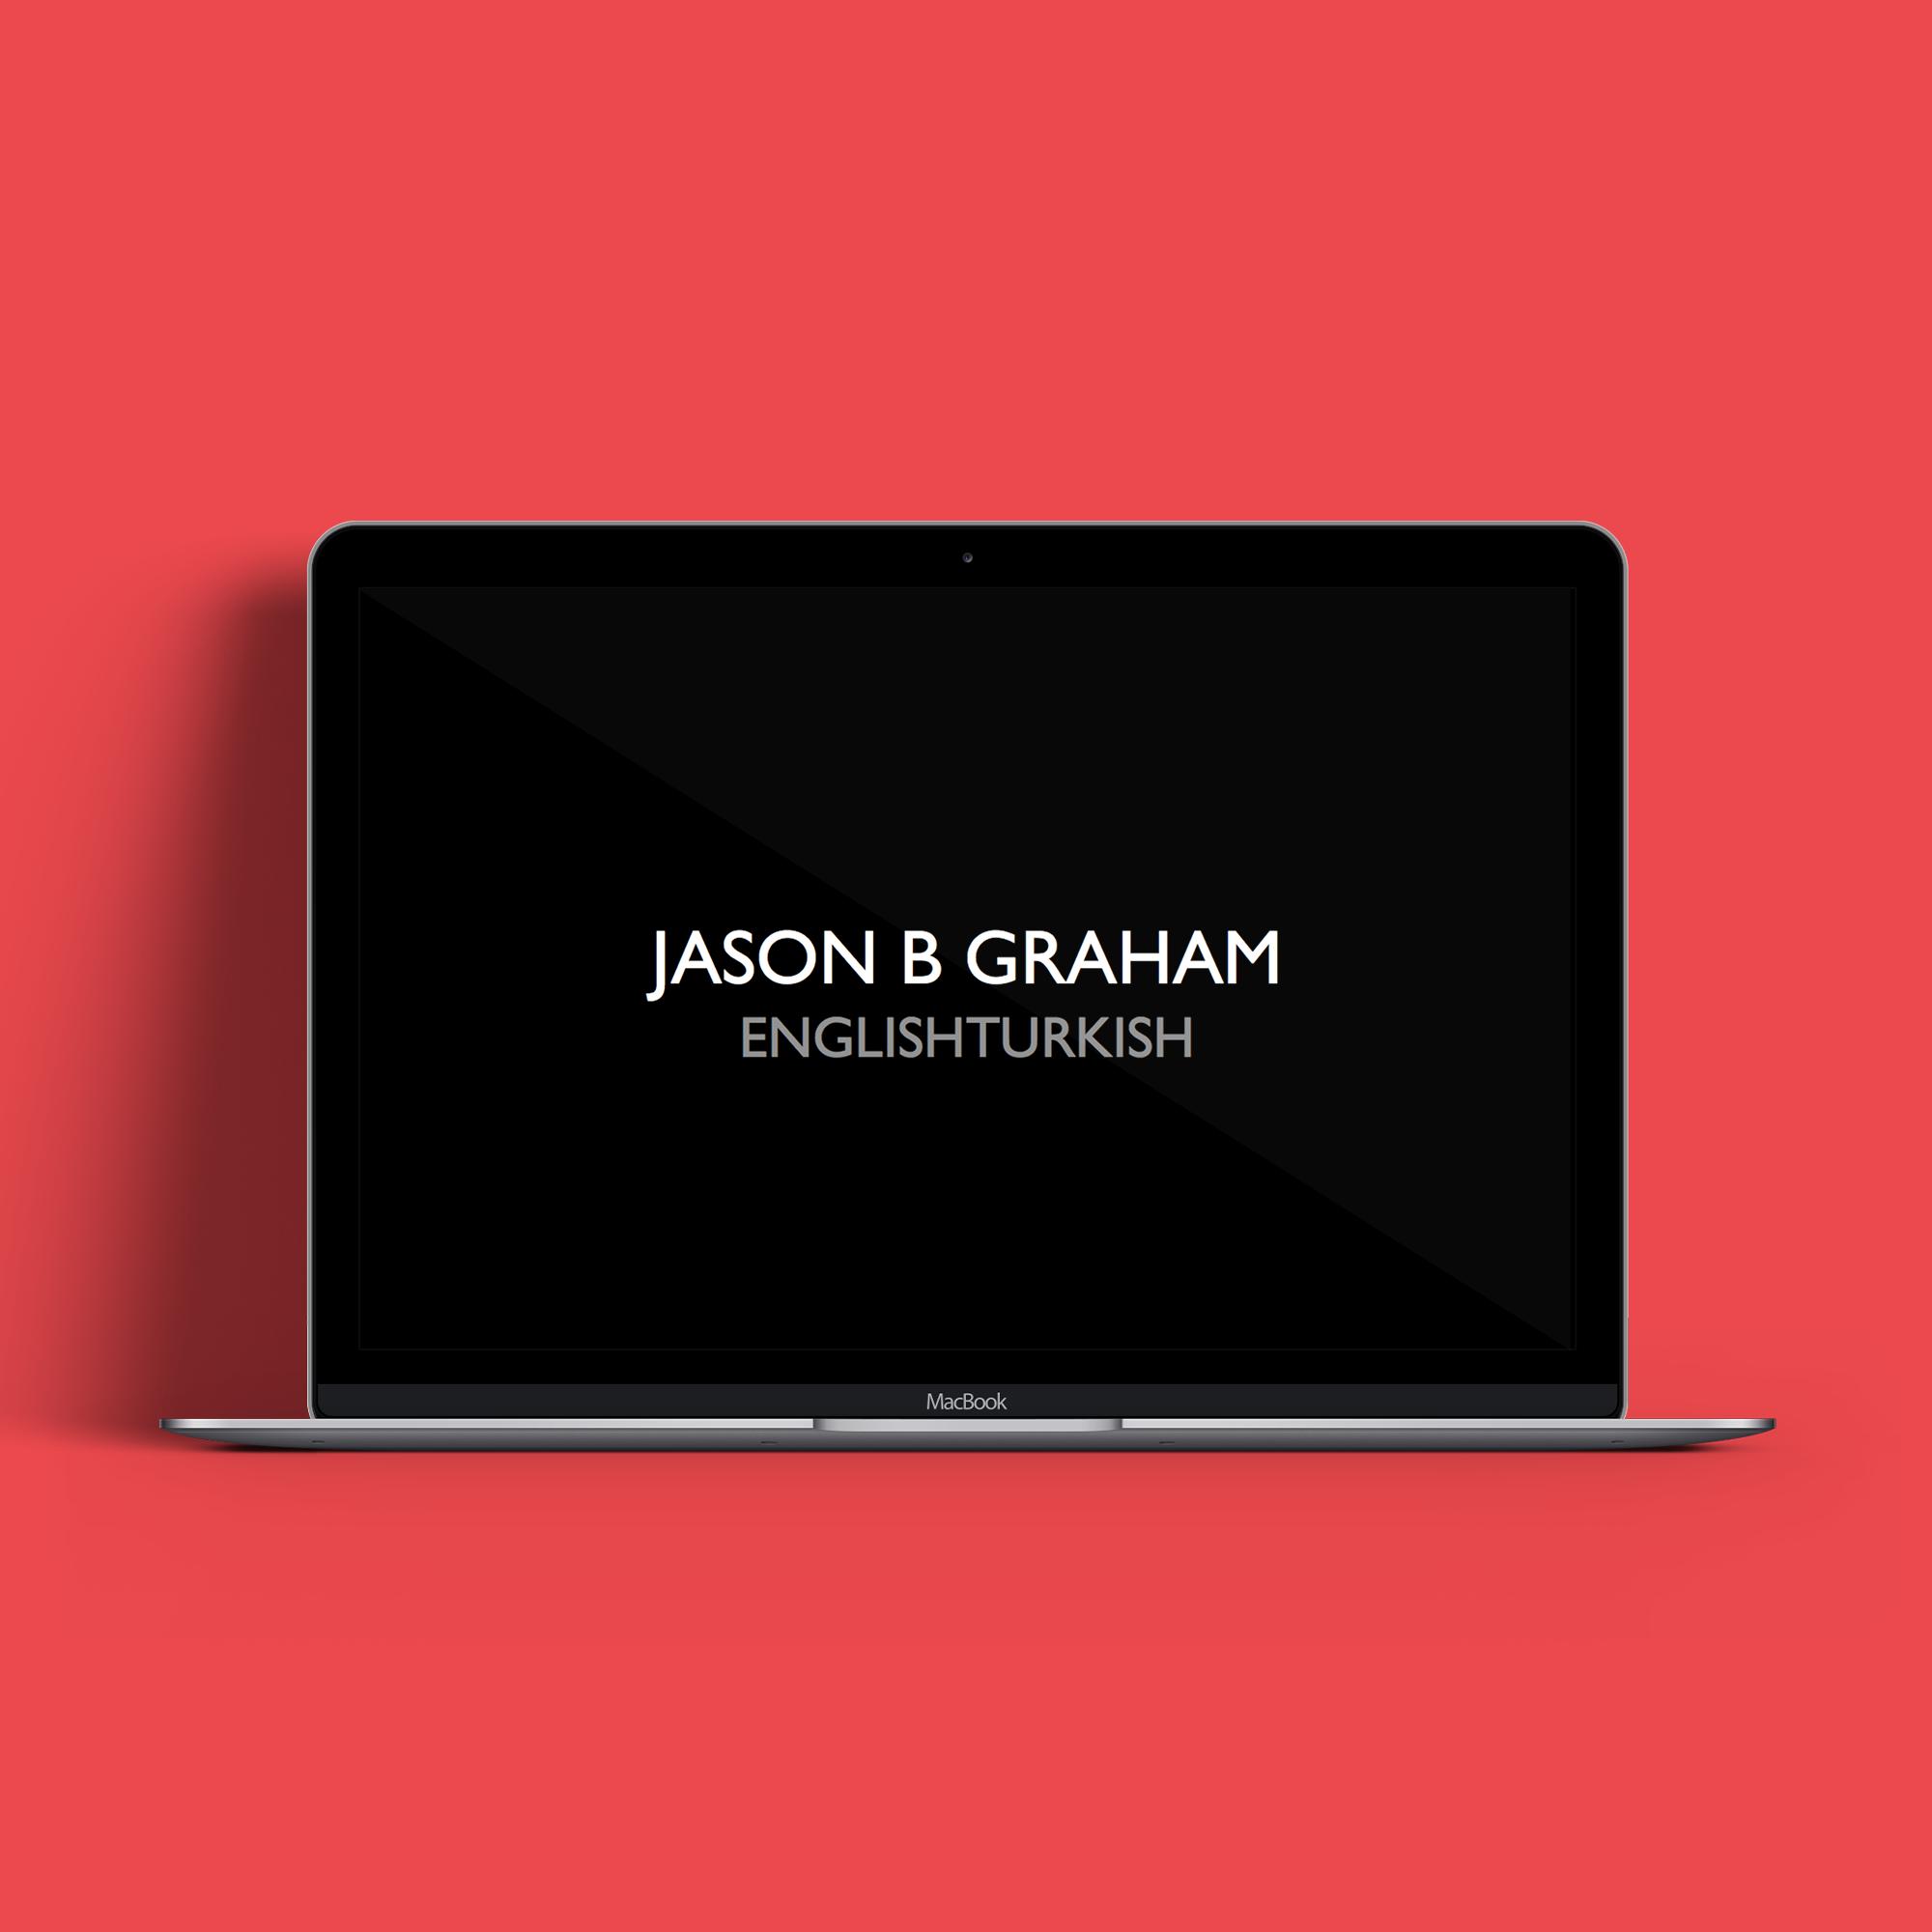 jason-b-graham-web-design-2011-0001